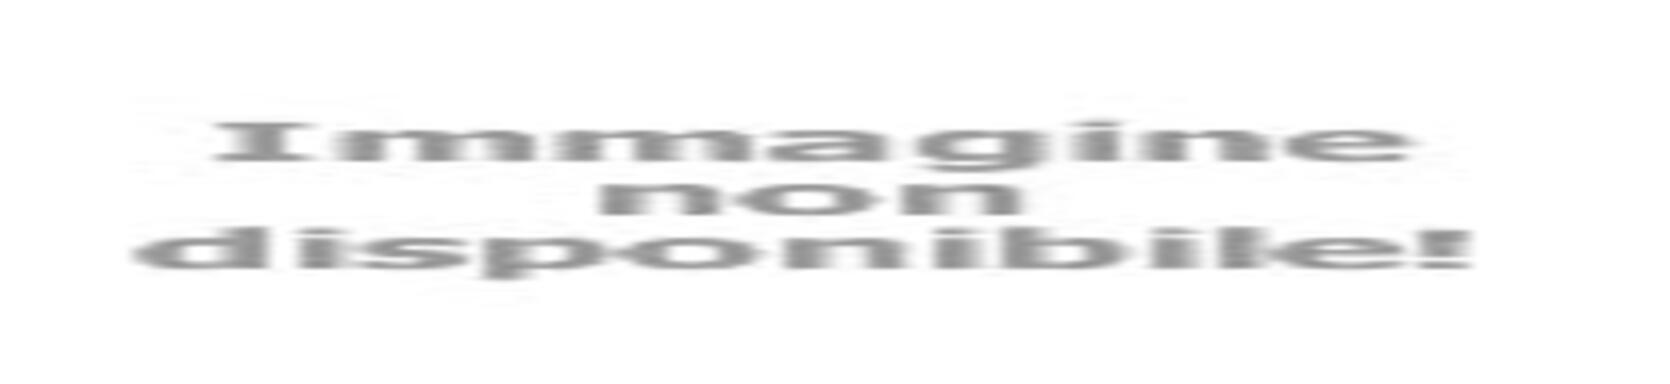 basketriminicrabs it 2-2614-settore-giovanile-u15-eccellenza-i-crabs-scivolano-a-reggio 003